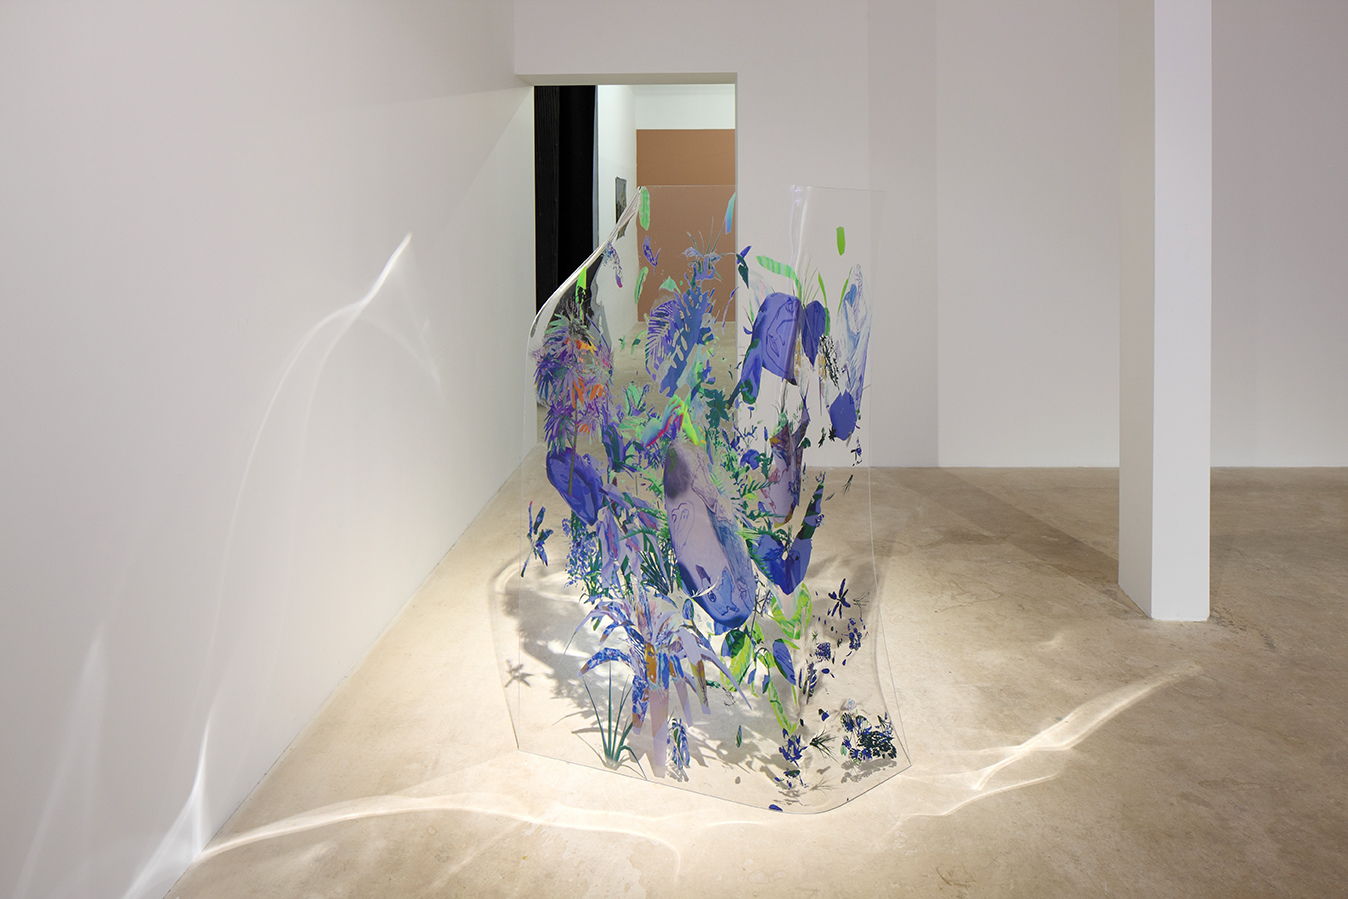 Rachel Rossin    Use a Fiberglass Boat  UV print on plexiglass 60 x 66 x 24 in (152.4 x 167.6 x 61 cm)